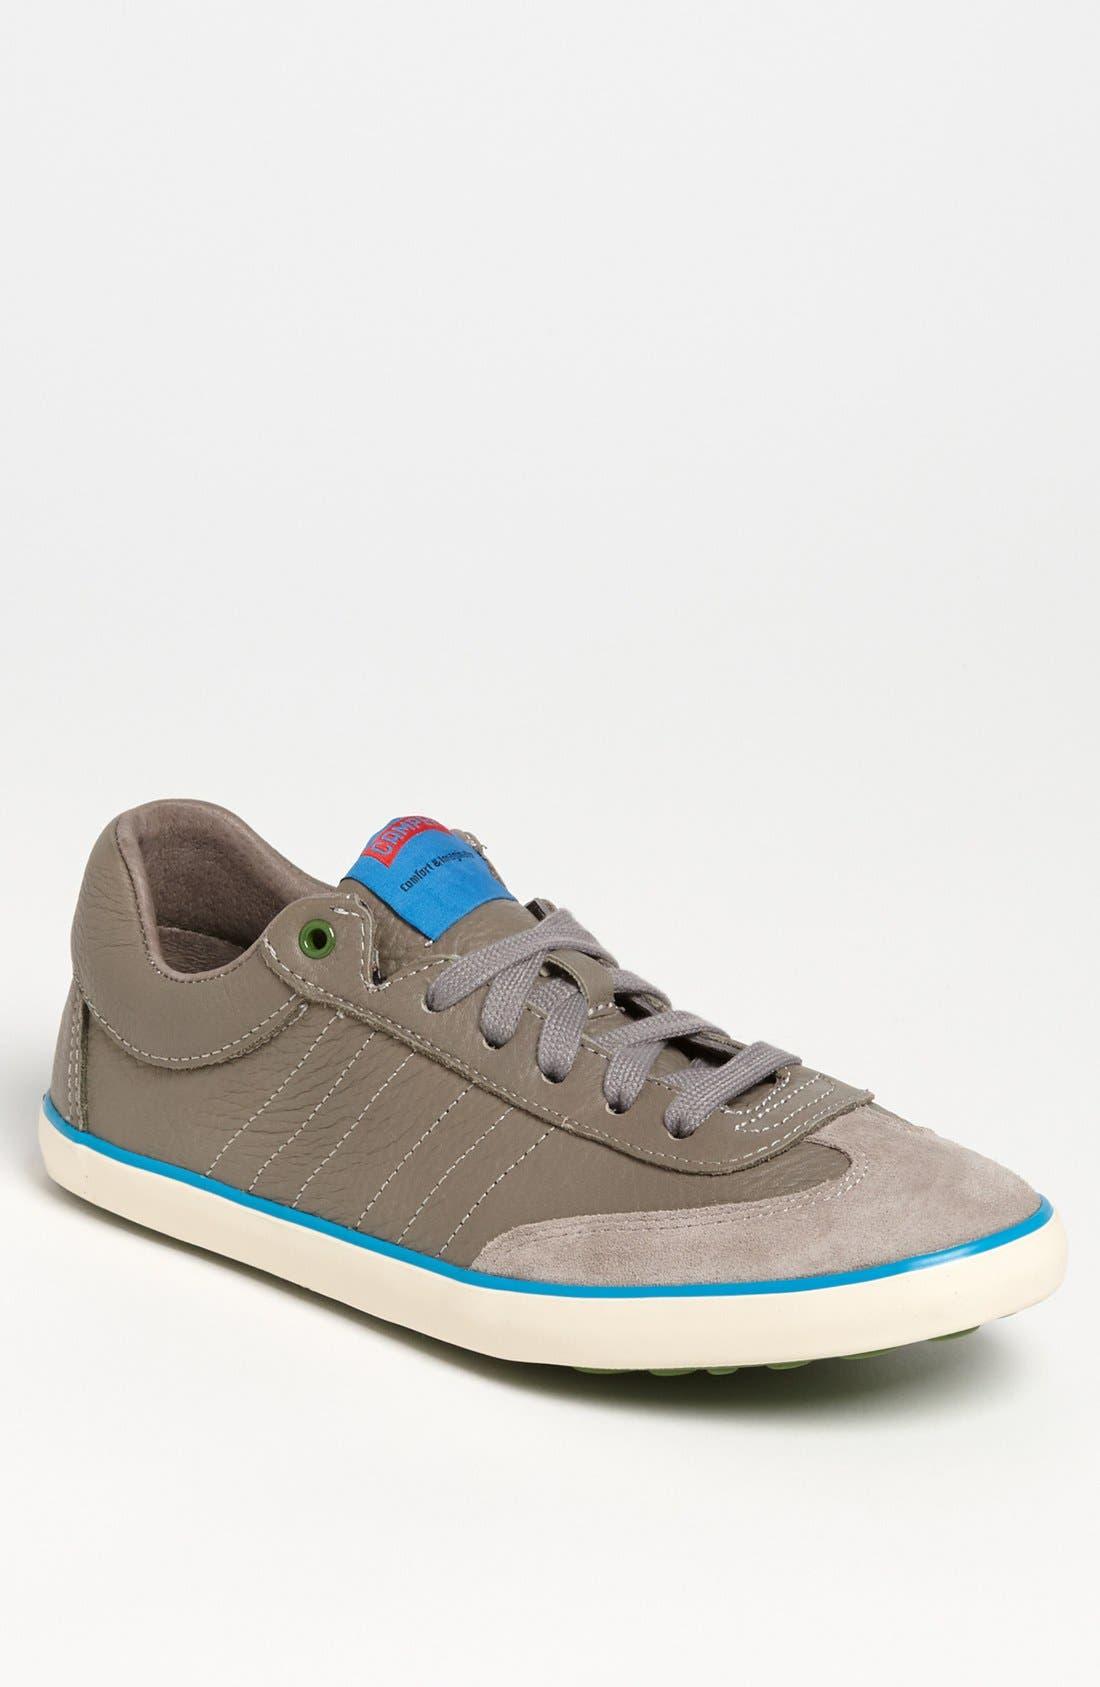 Main Image - Camper 'Pelotas Persil' Sneaker